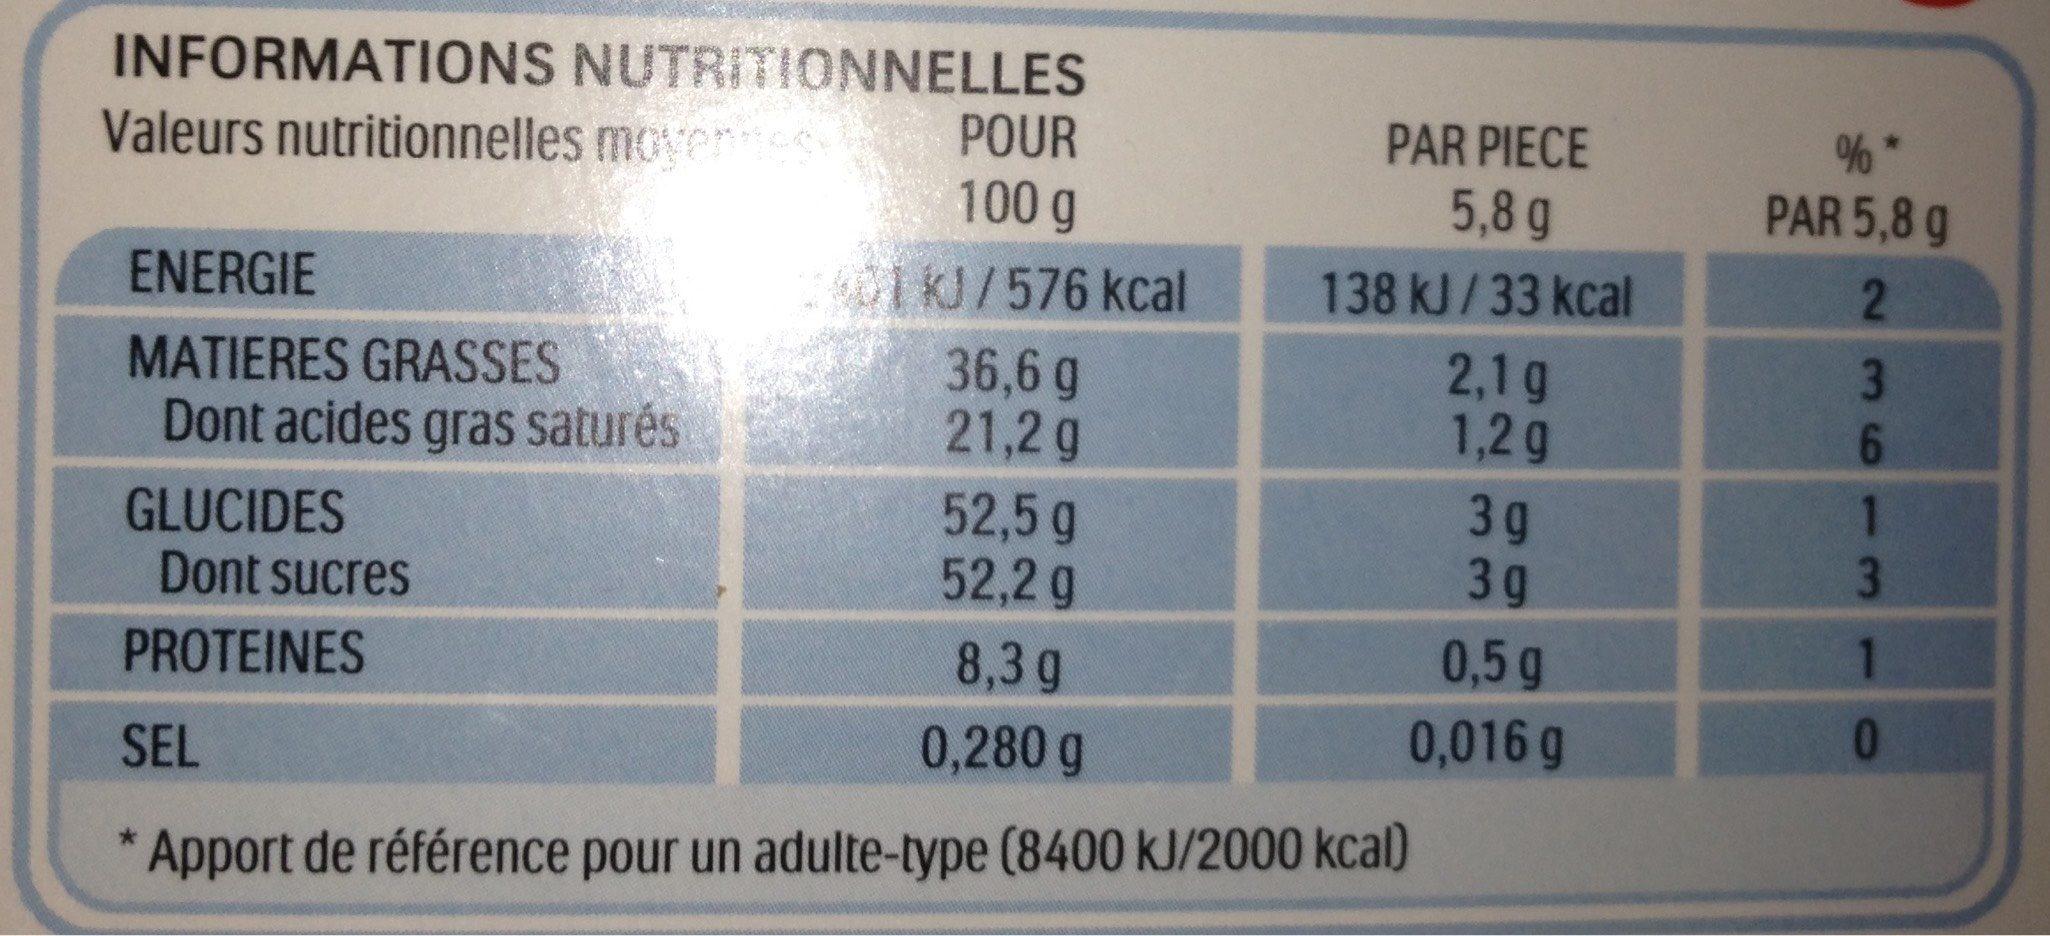 Kinder schokobons ballotin boite de - Valori nutrizionali - fr